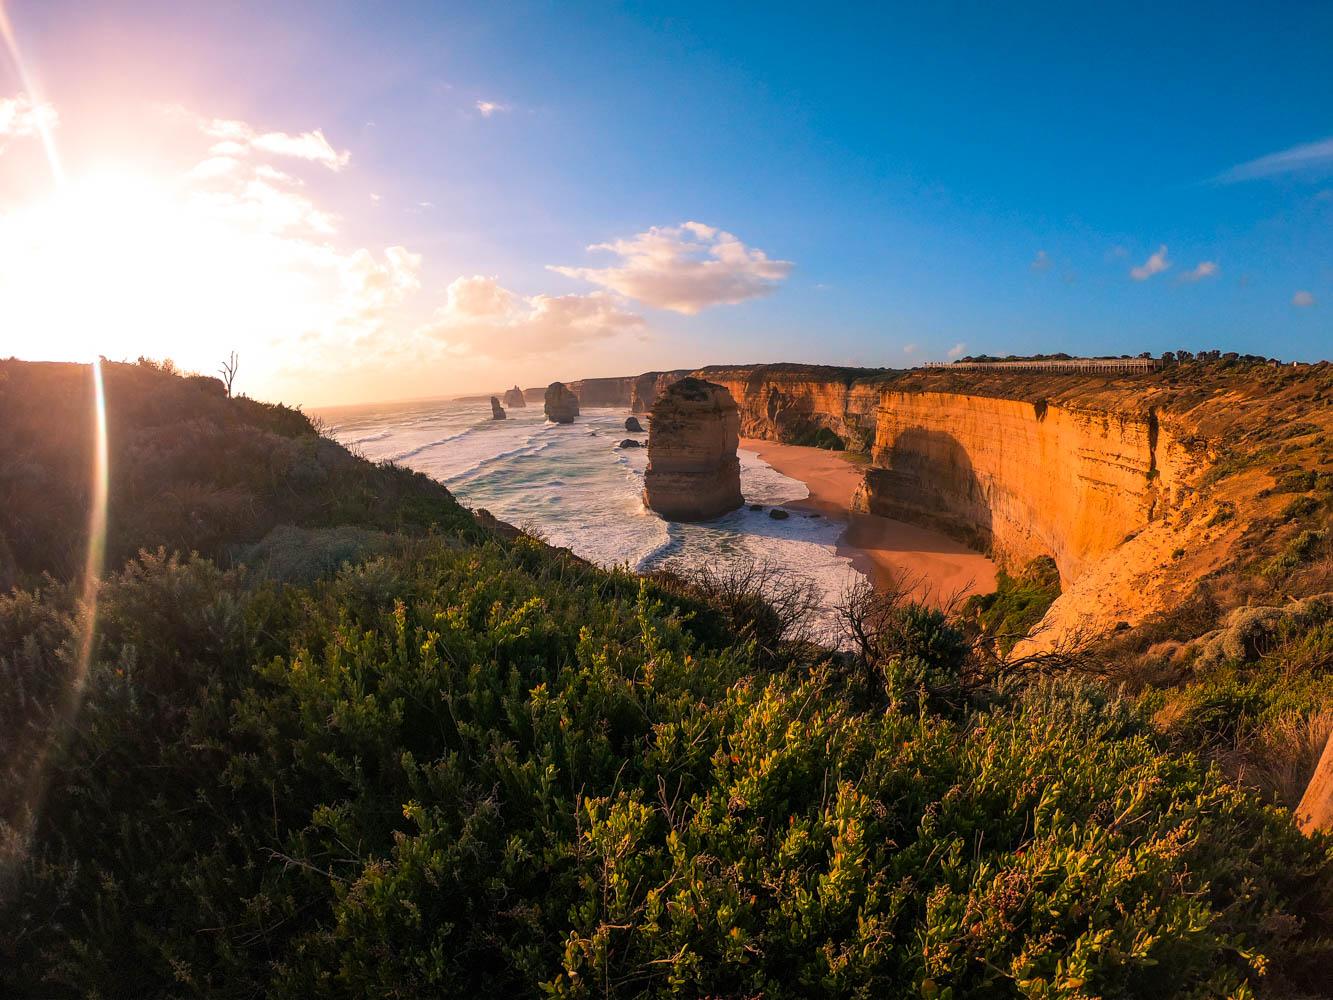 12 Apostles, The Great Ocean Road